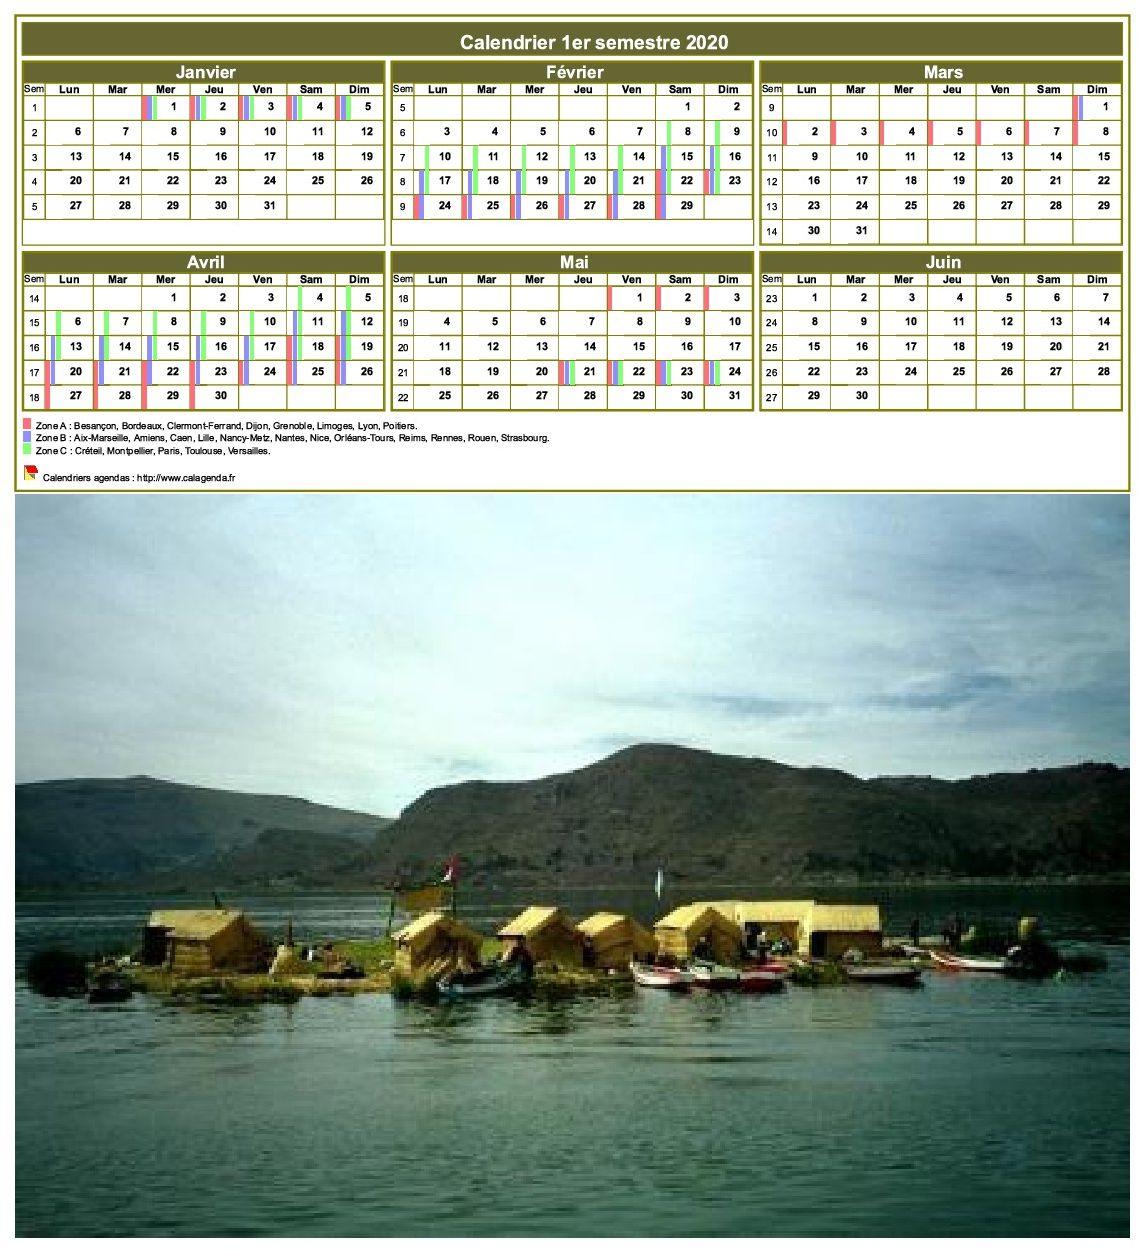 Modèle par défaut du calendrier agenda semestriel, 3 colonnes, un trimestre par ligne